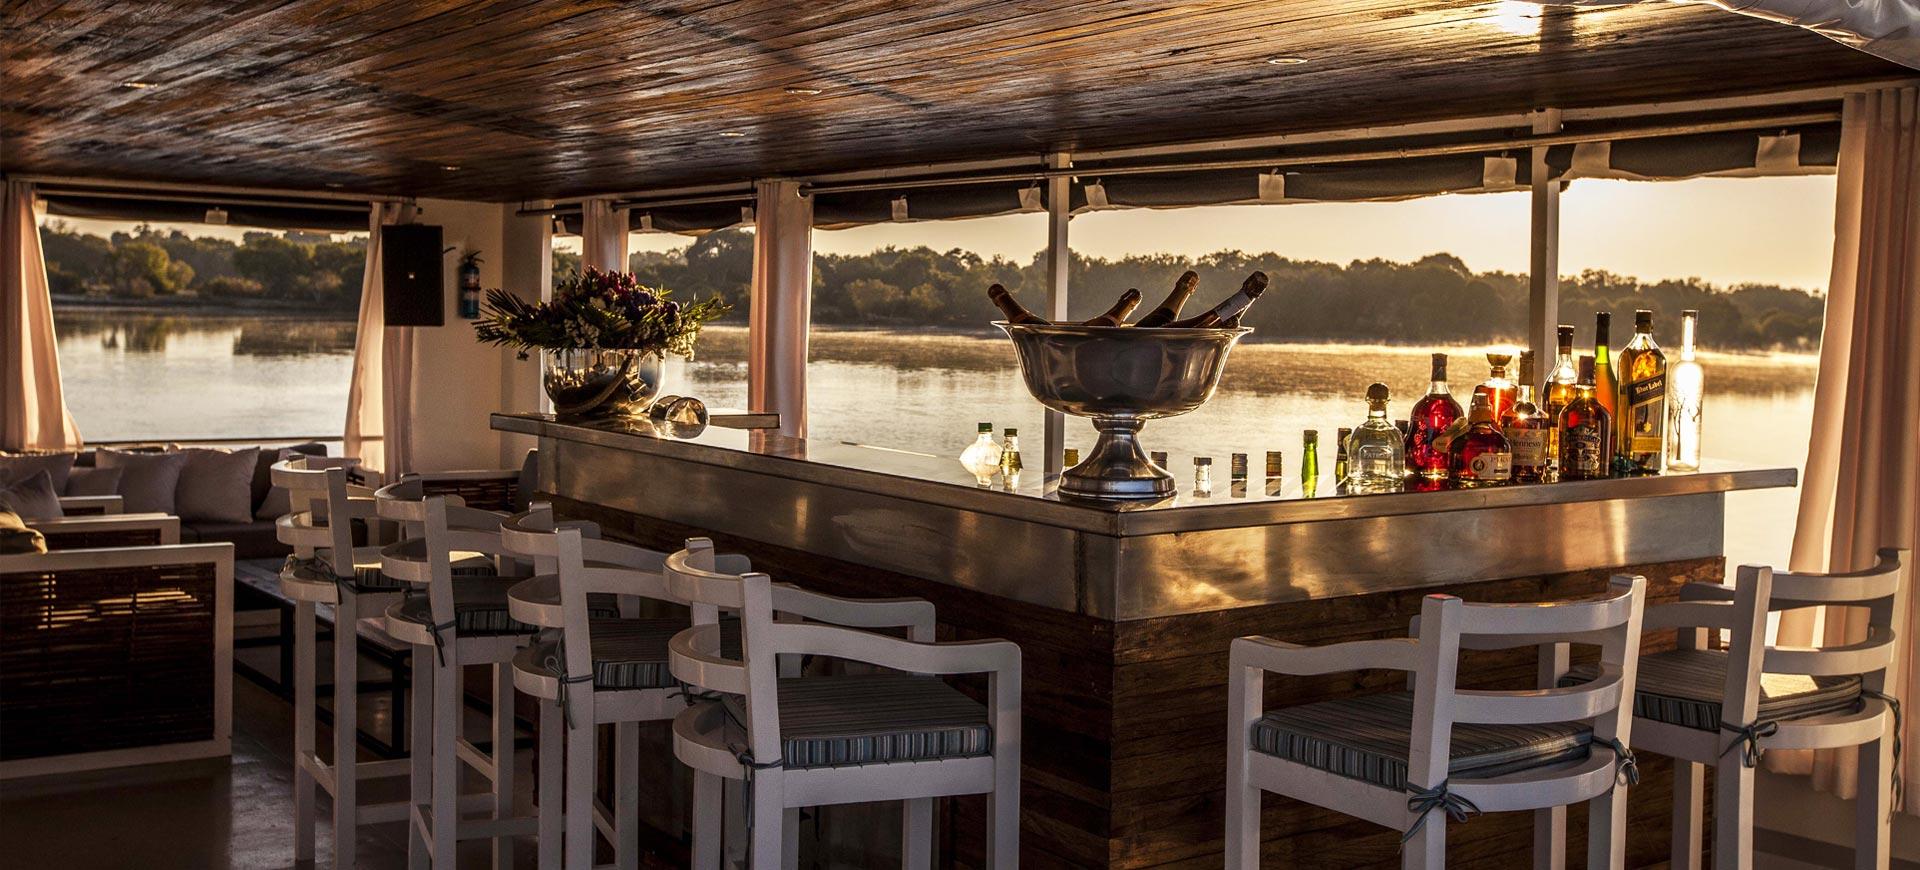 Zambezi River Conference Cruise Victoria Falls